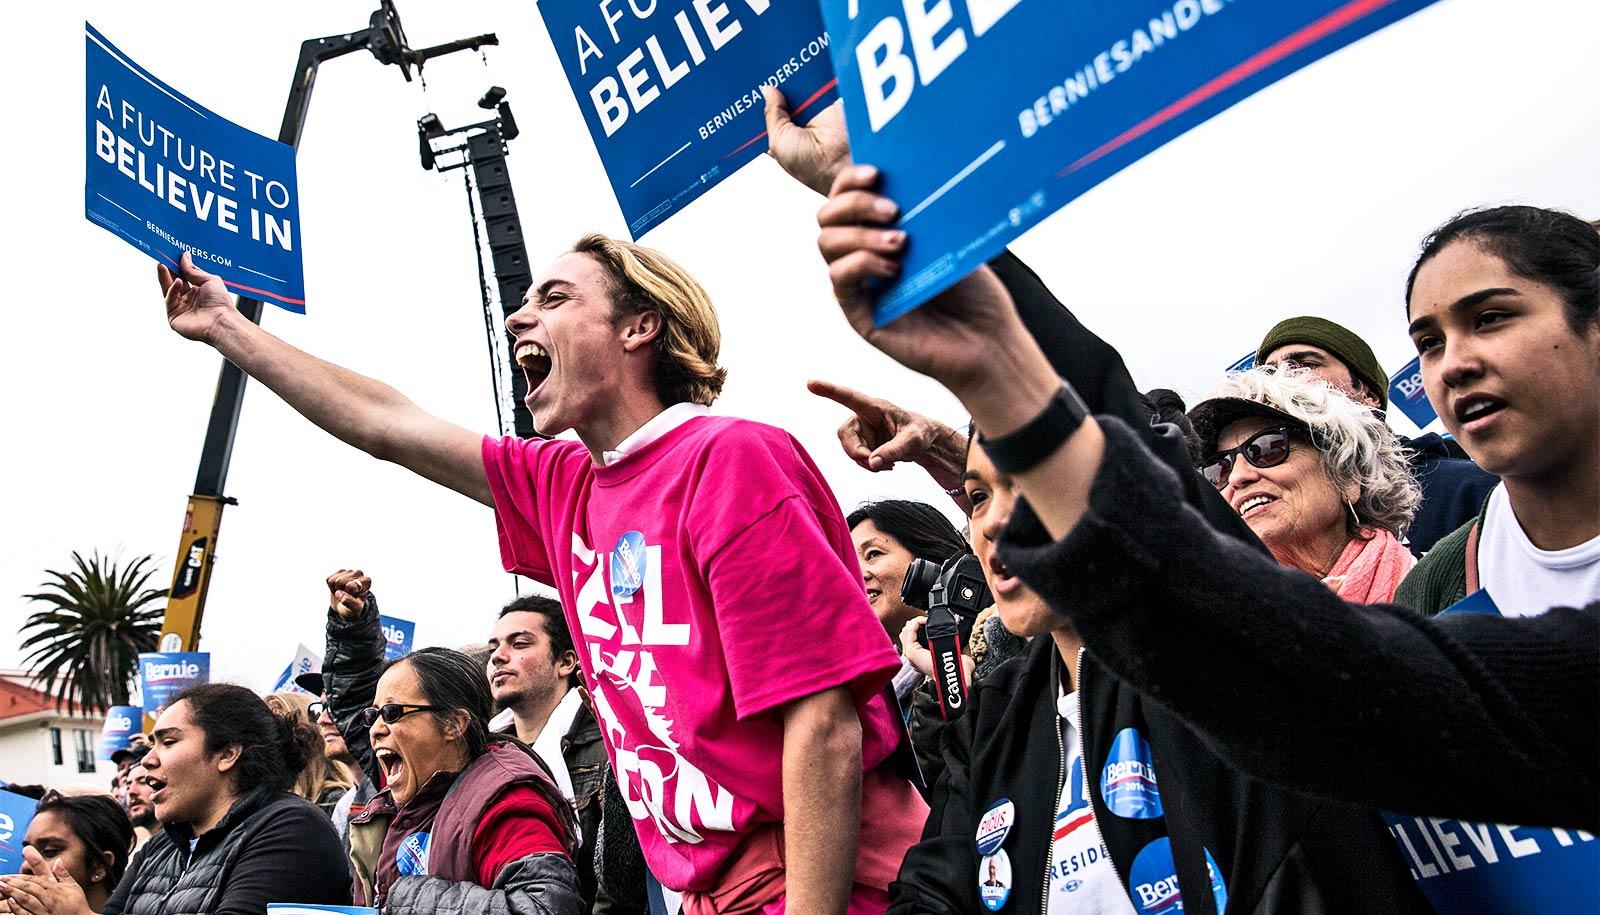 Voters weren't choosing 'momentum' in 2016 primaries